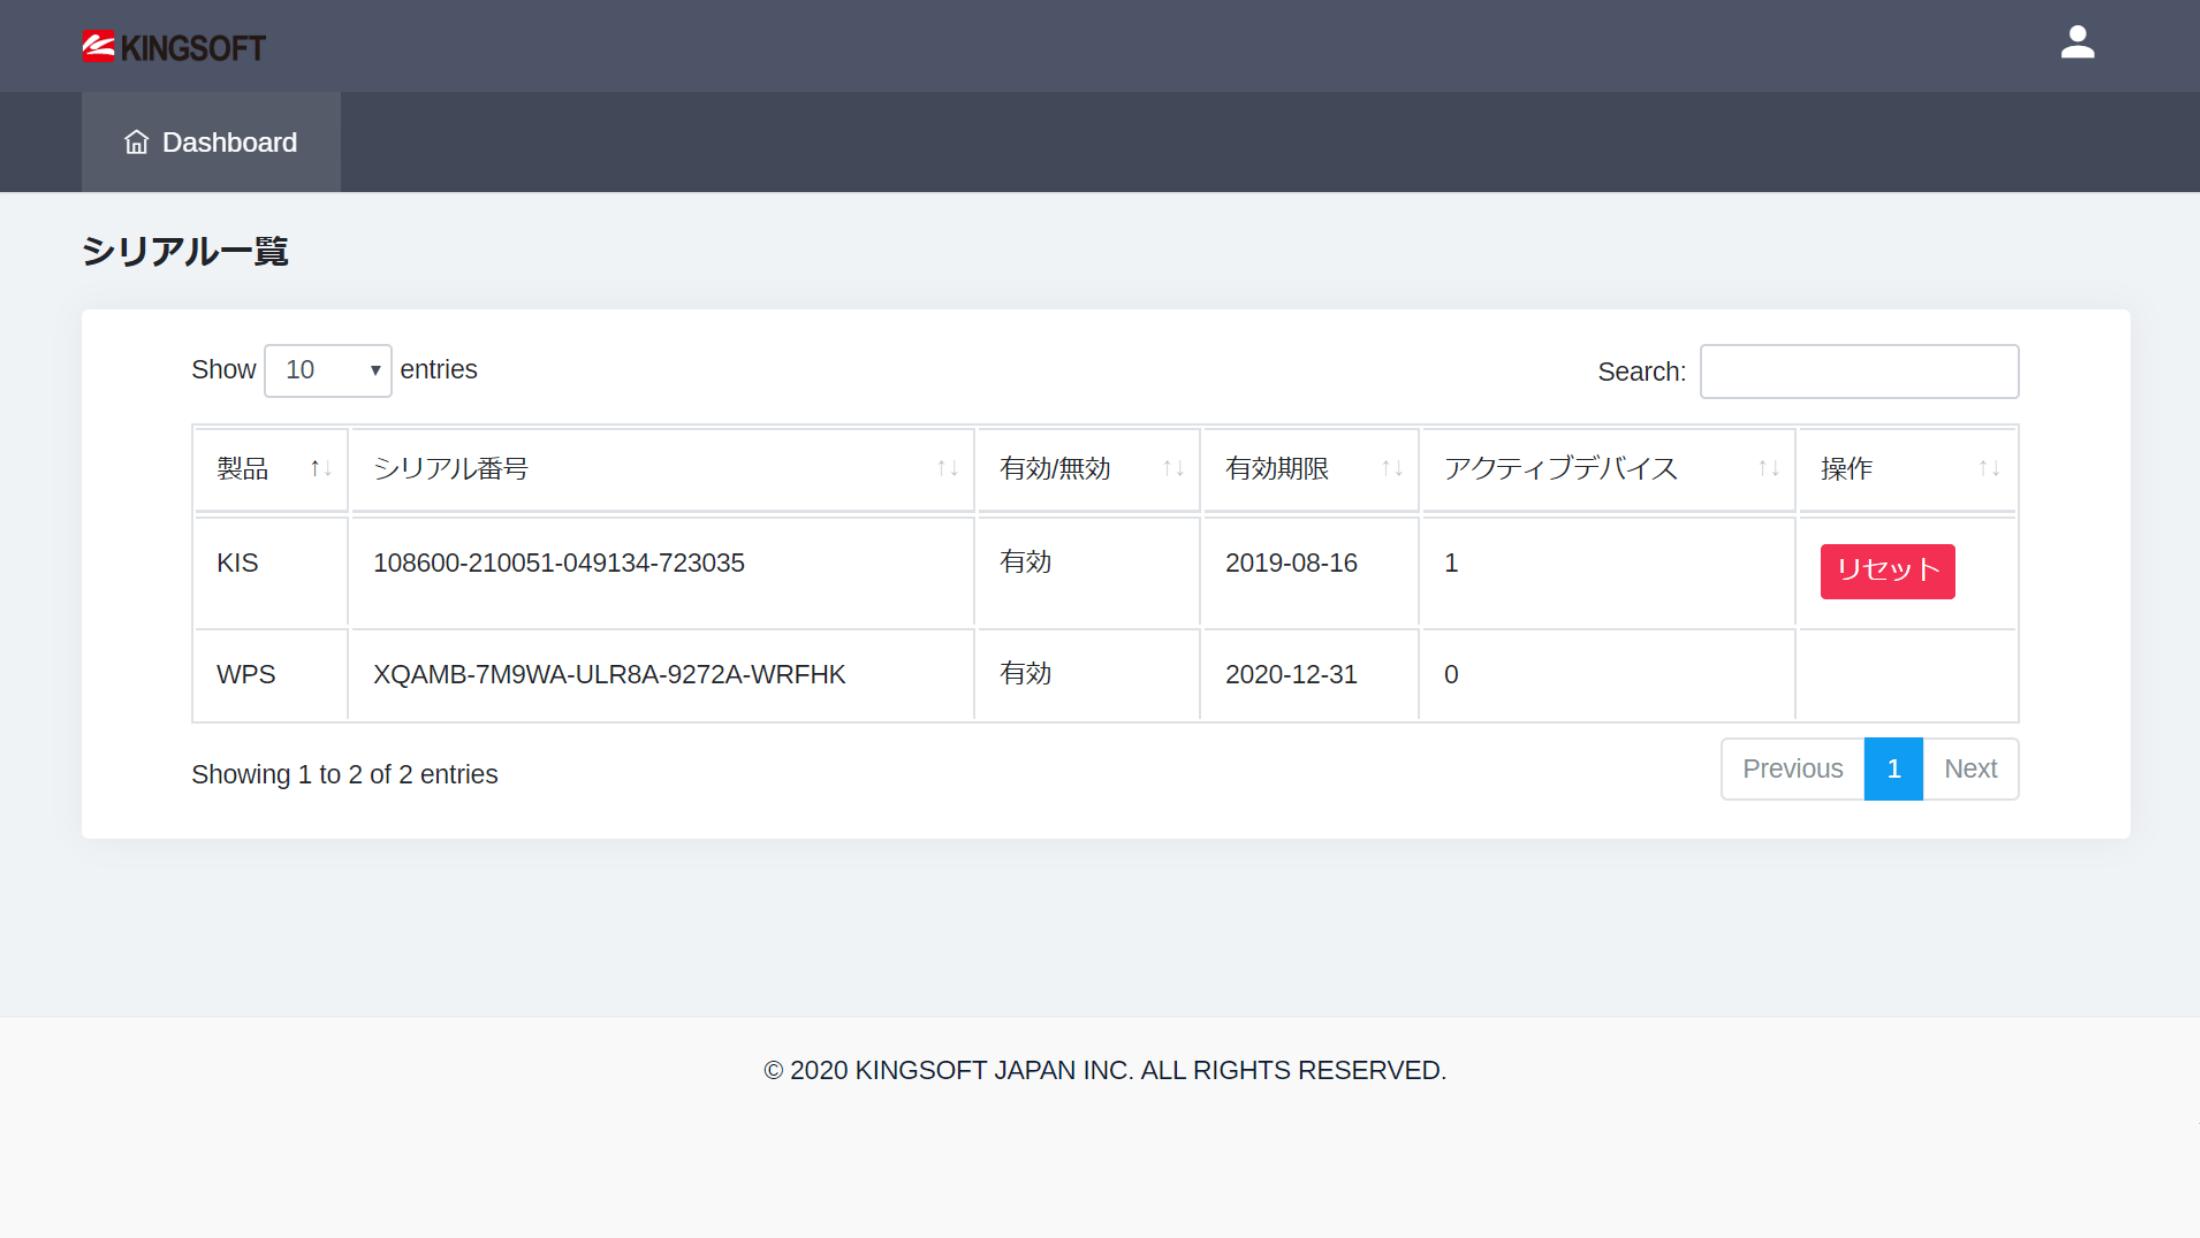 法人専用のライセンス管理システム画面